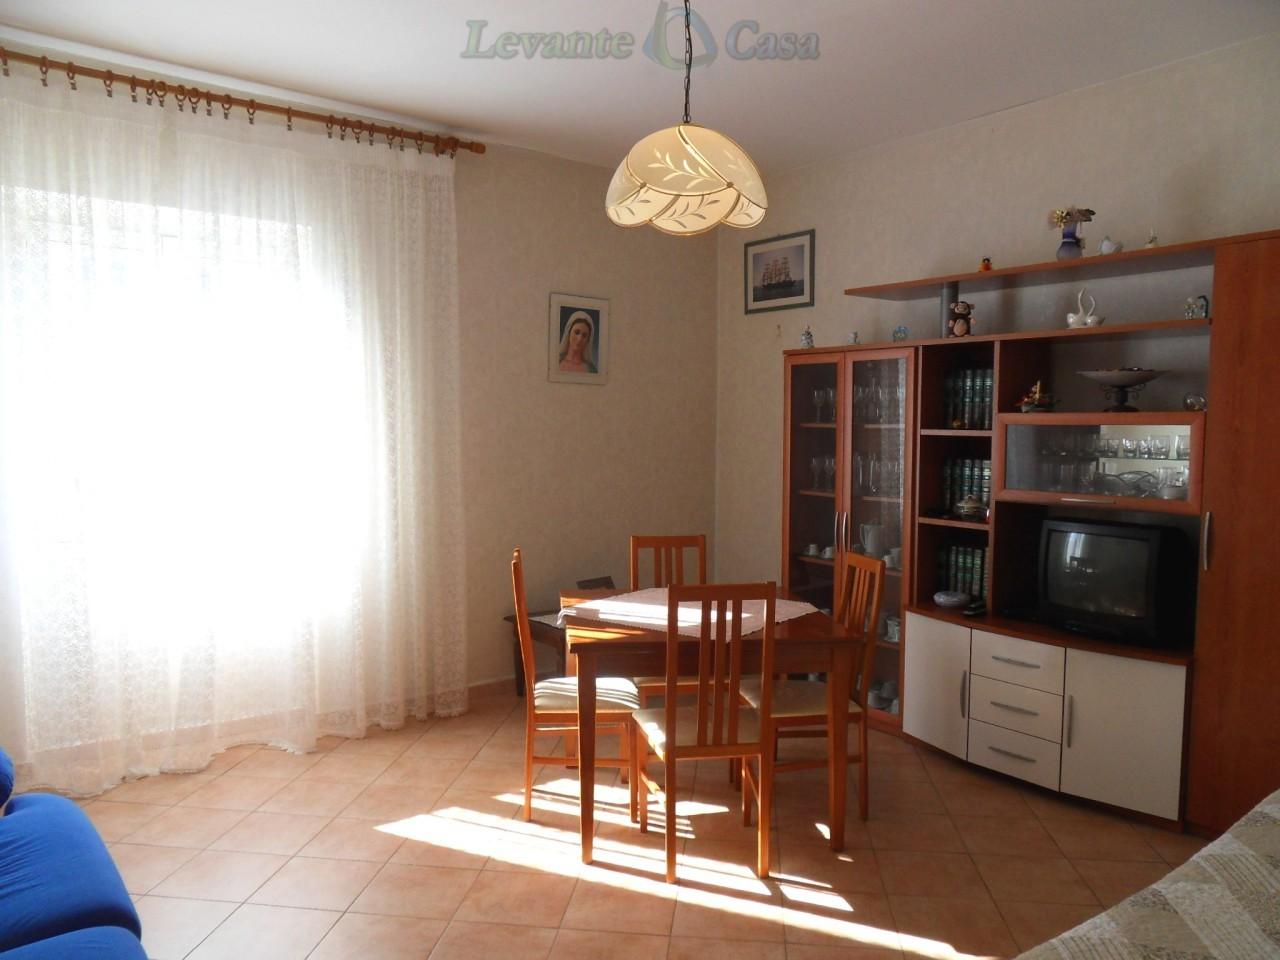 Appartamento in vendita a Recco, 4 locali, prezzo € 198.000 | Cambio Casa.it